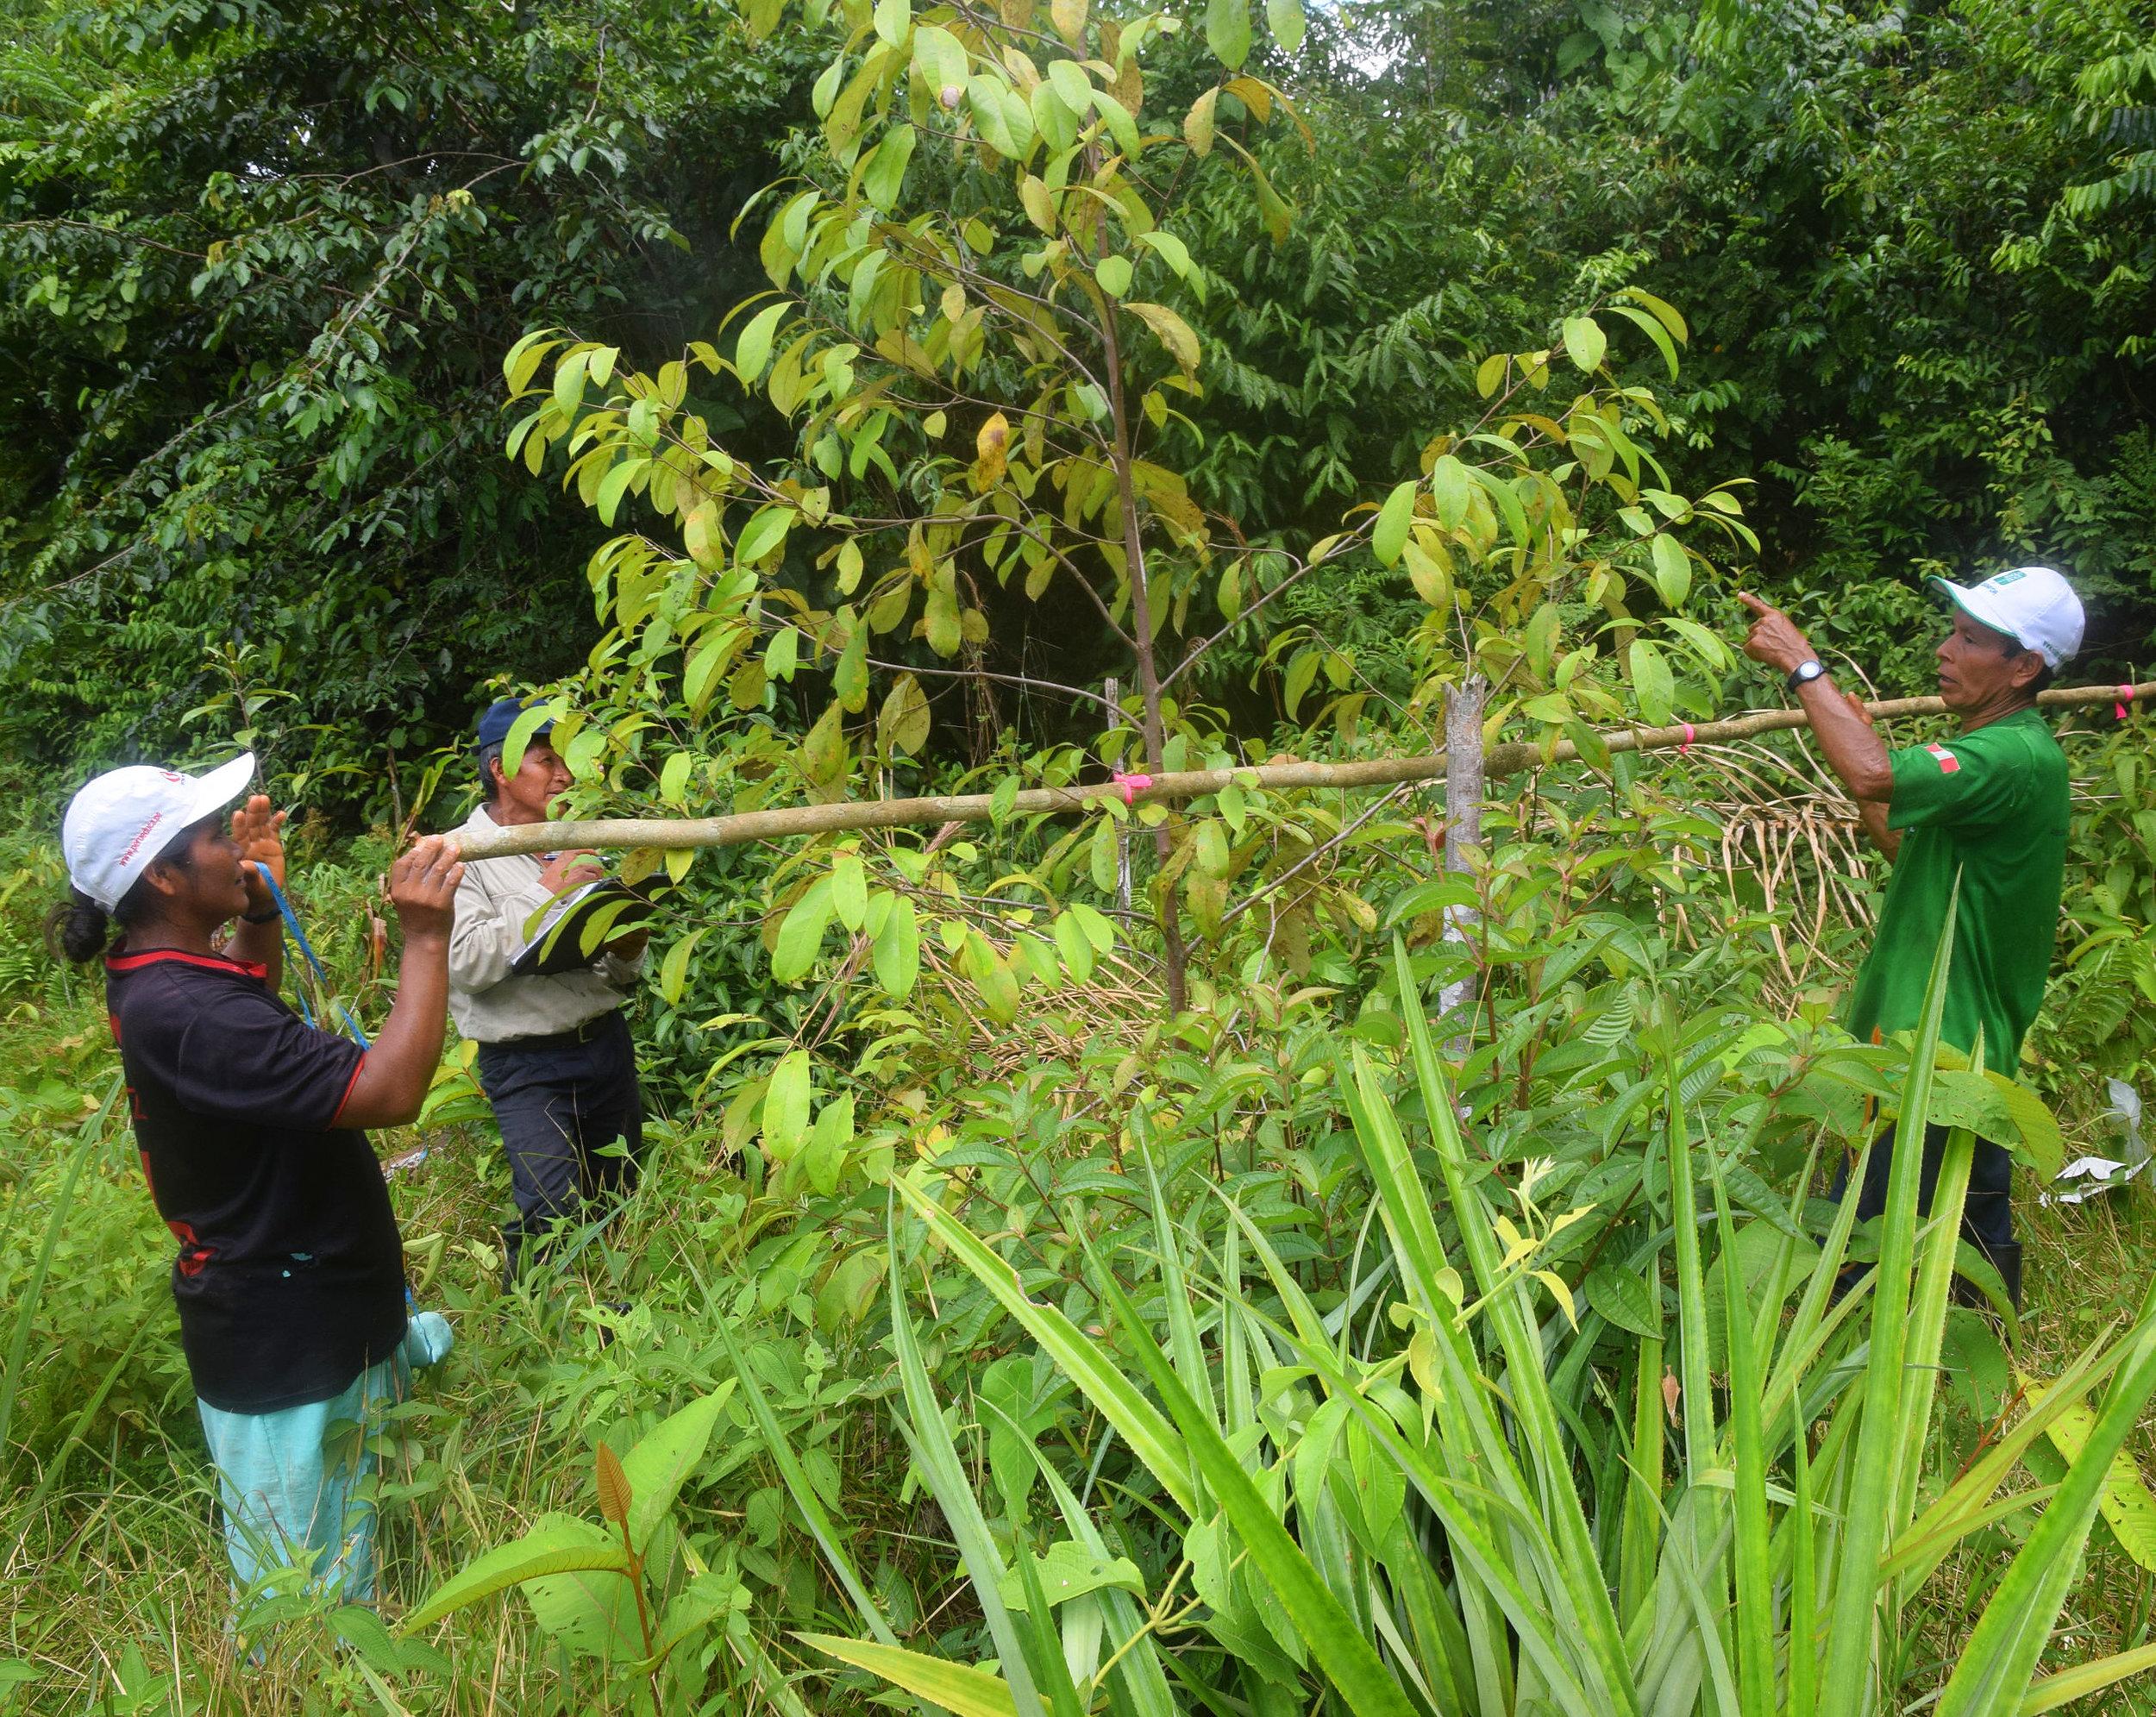 Measuring 3 year old rosewood trees in 2016, Ampiyacu, Loreto, Peru.